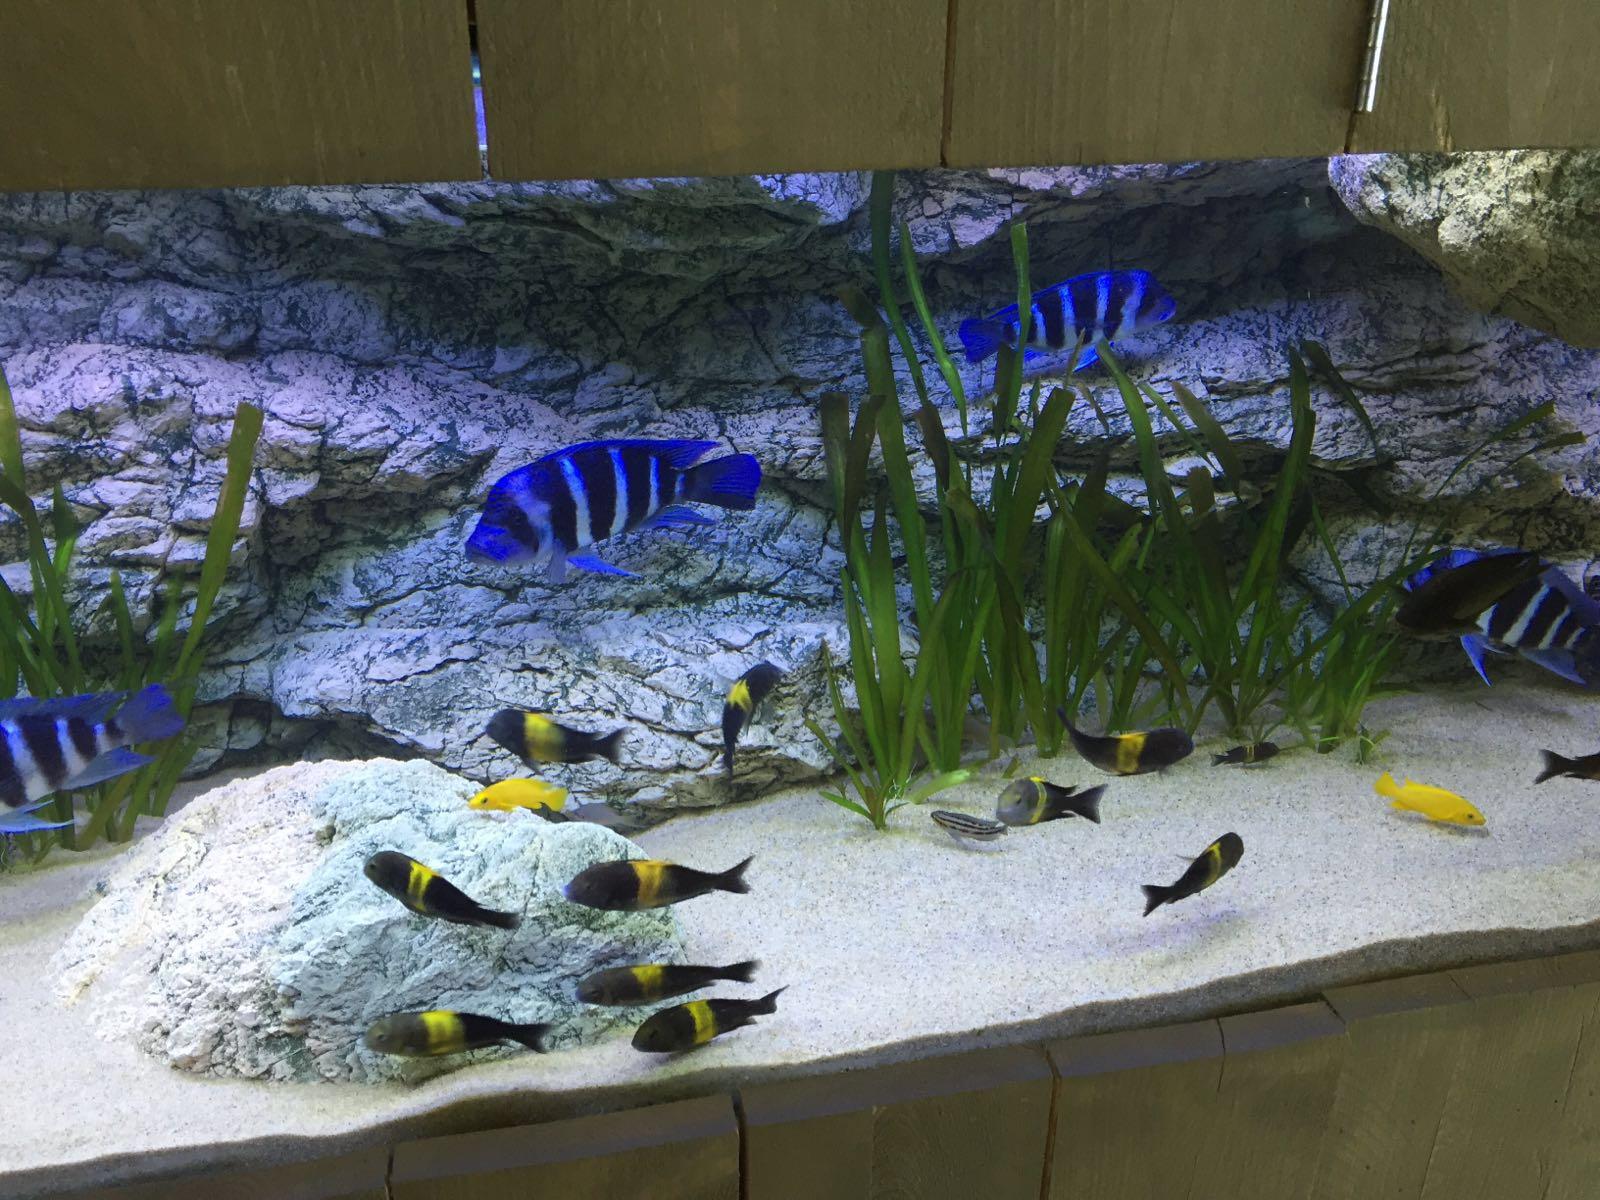 Alimar 250x80 in Tanganyika aquarium